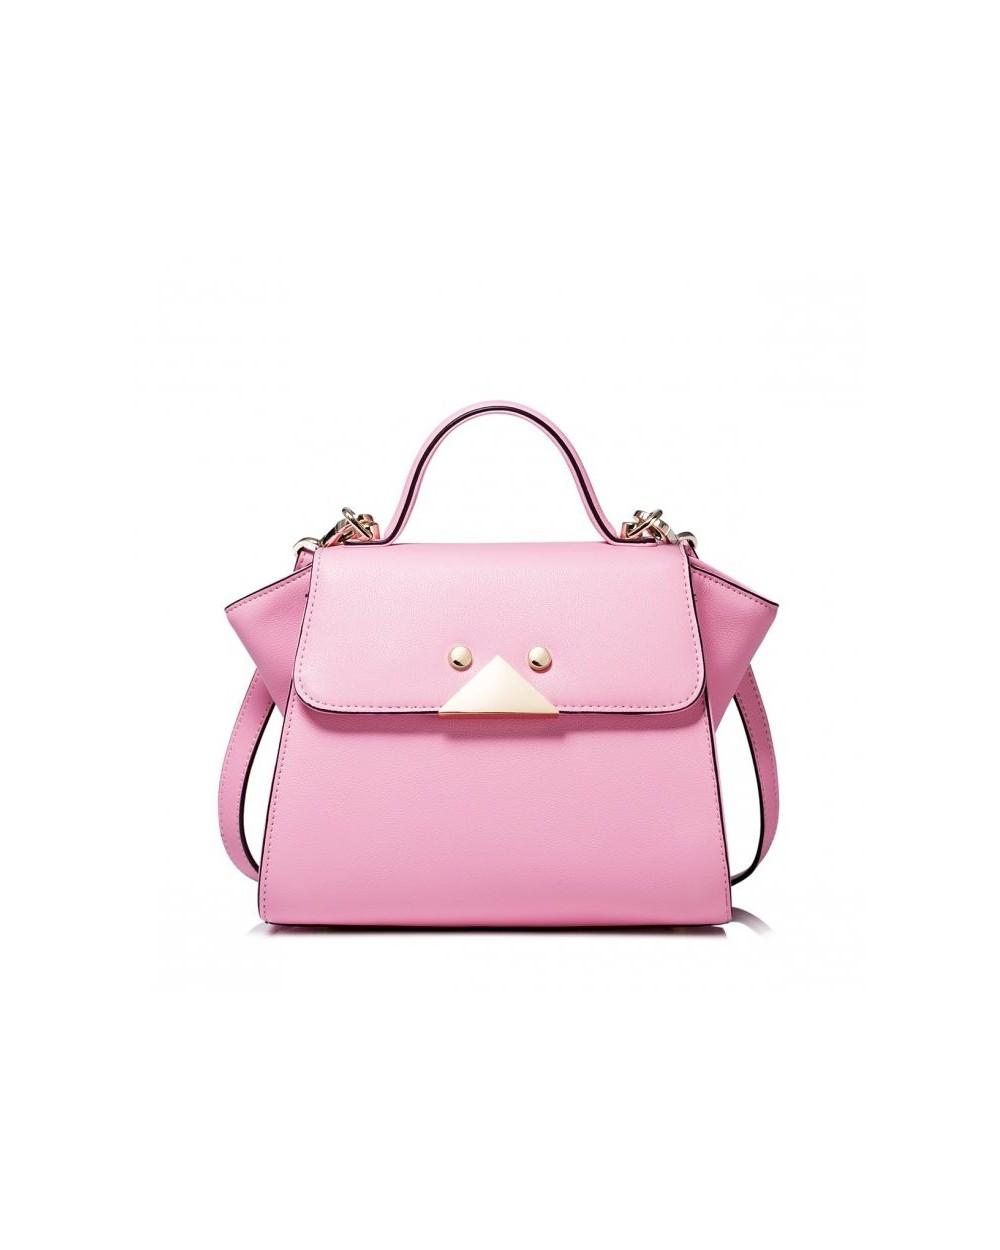 Designerska skórzana torebka Różowa